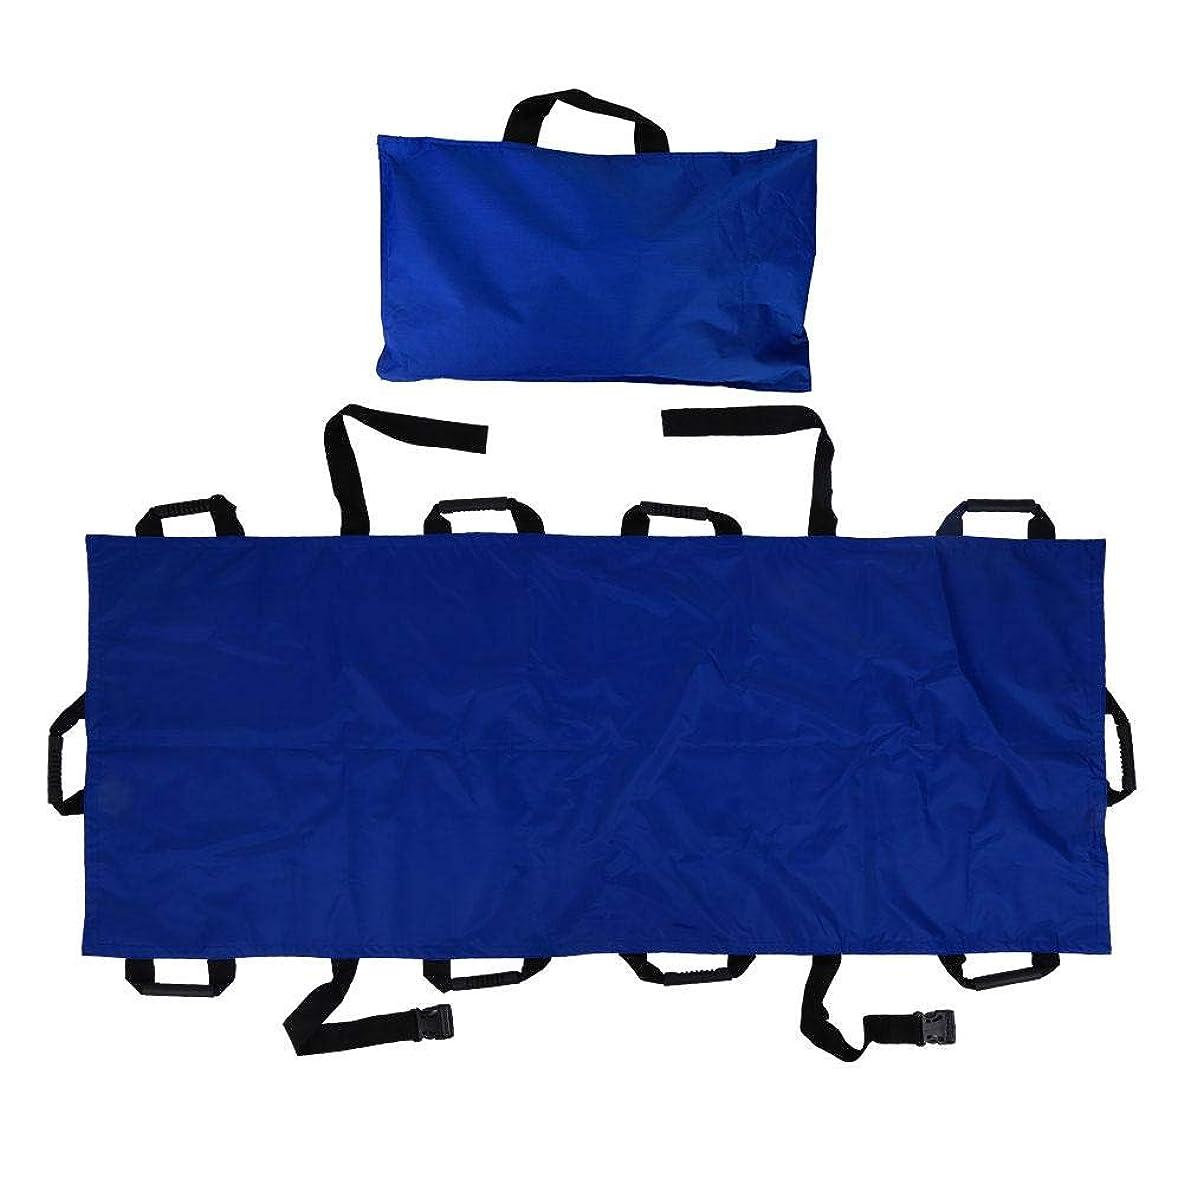 鉛筆地理無駄家庭用ストレッチャー、ポータブル10ハンドルオックスフォード布折りたたみ式患者輸送ソフトストレッチャー